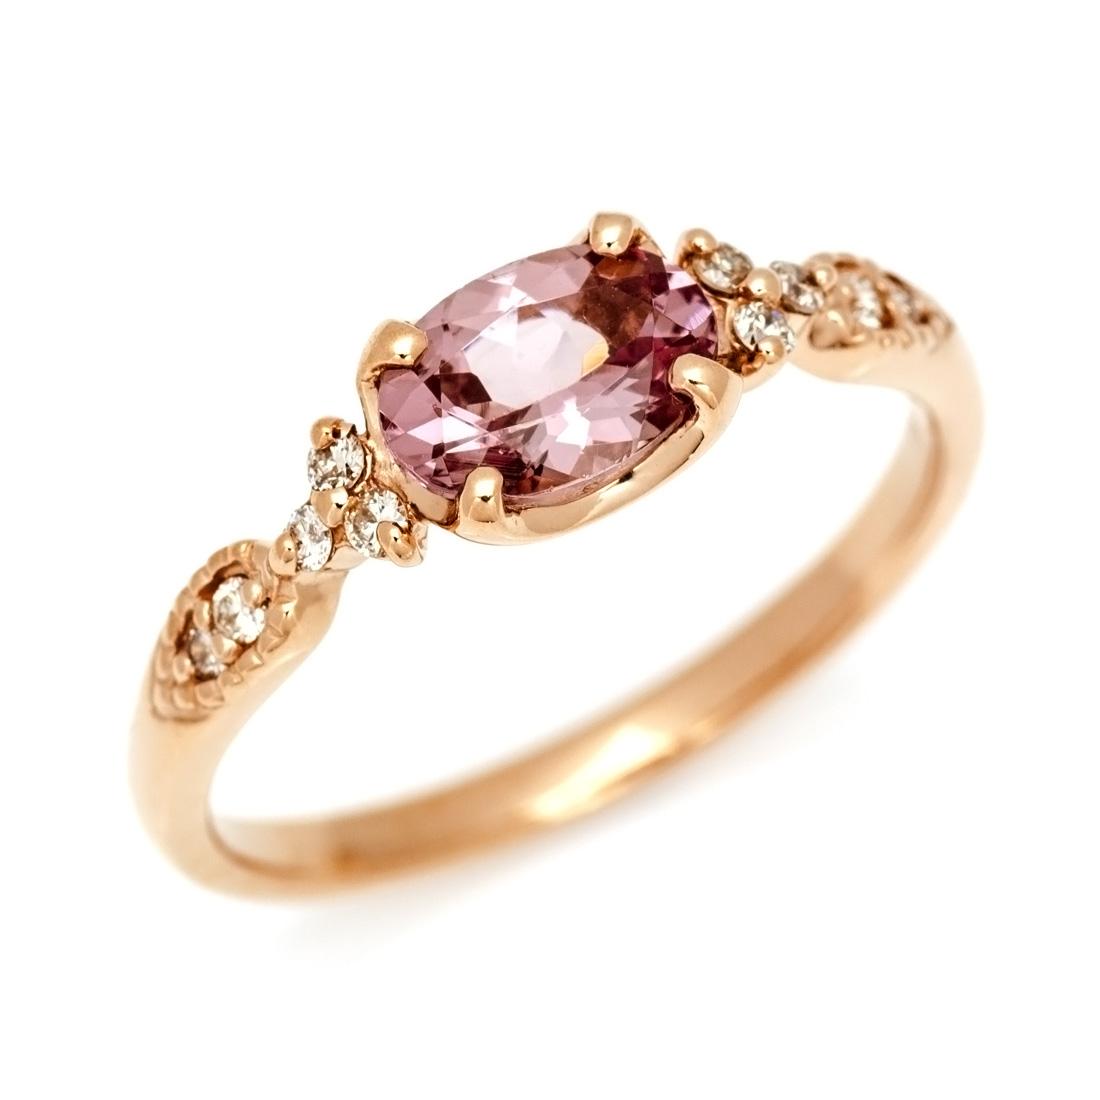 【GWクーポン配布中】リング シャンパンガーネット ダイヤモンド 「amanza」 ゴールド K18 送料無料